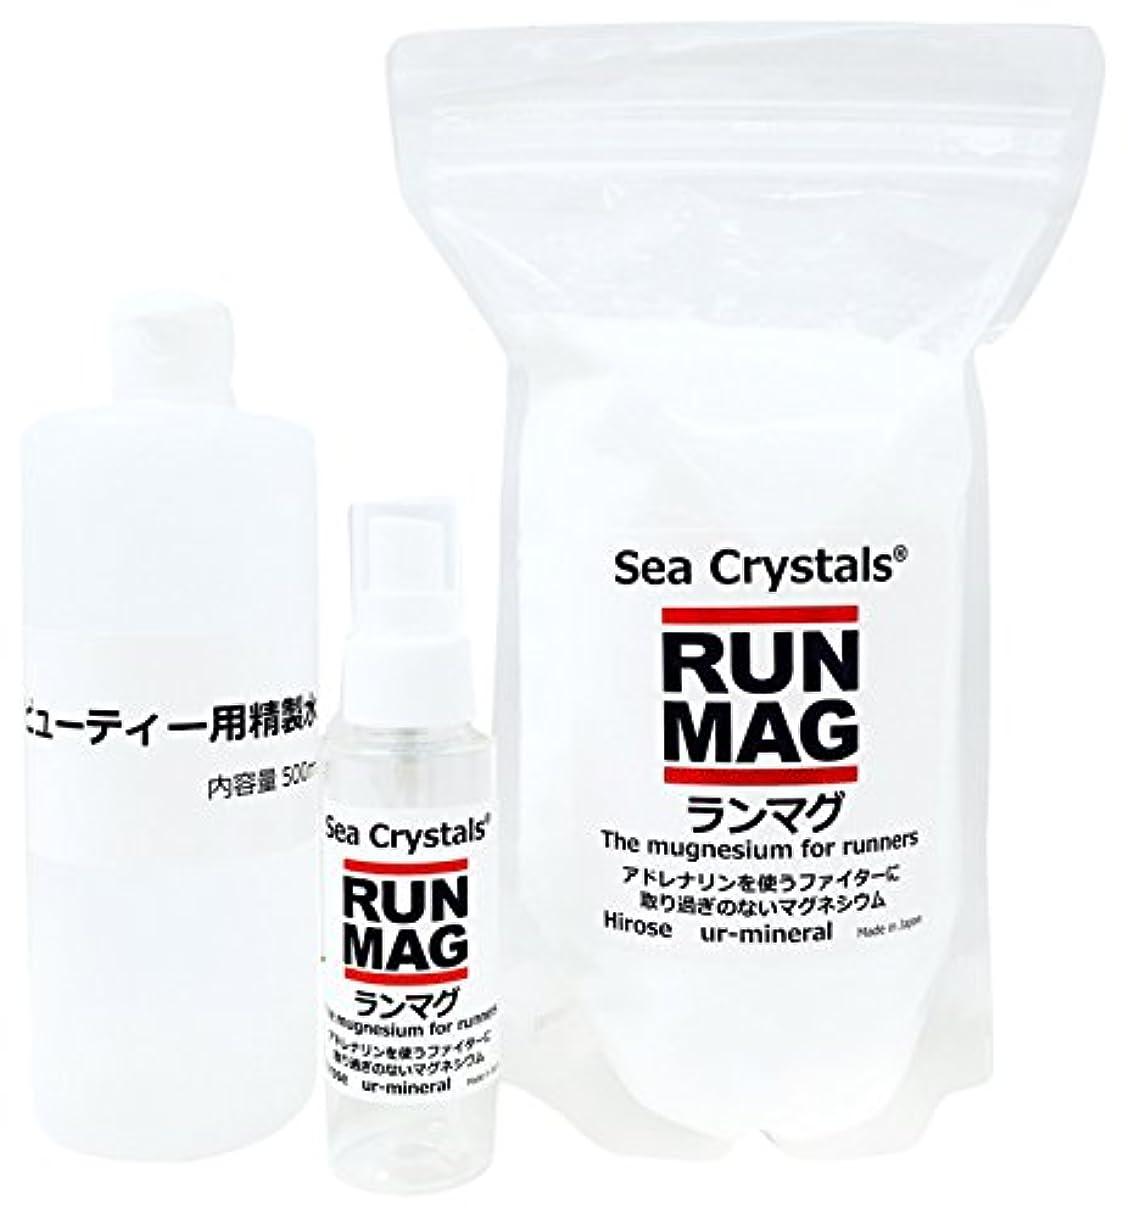 スイング船上与えるランマグ?マグネシウムオイル 500g 化粧品登録 日本製 1日マグネシウム360mg使用  精製水付き